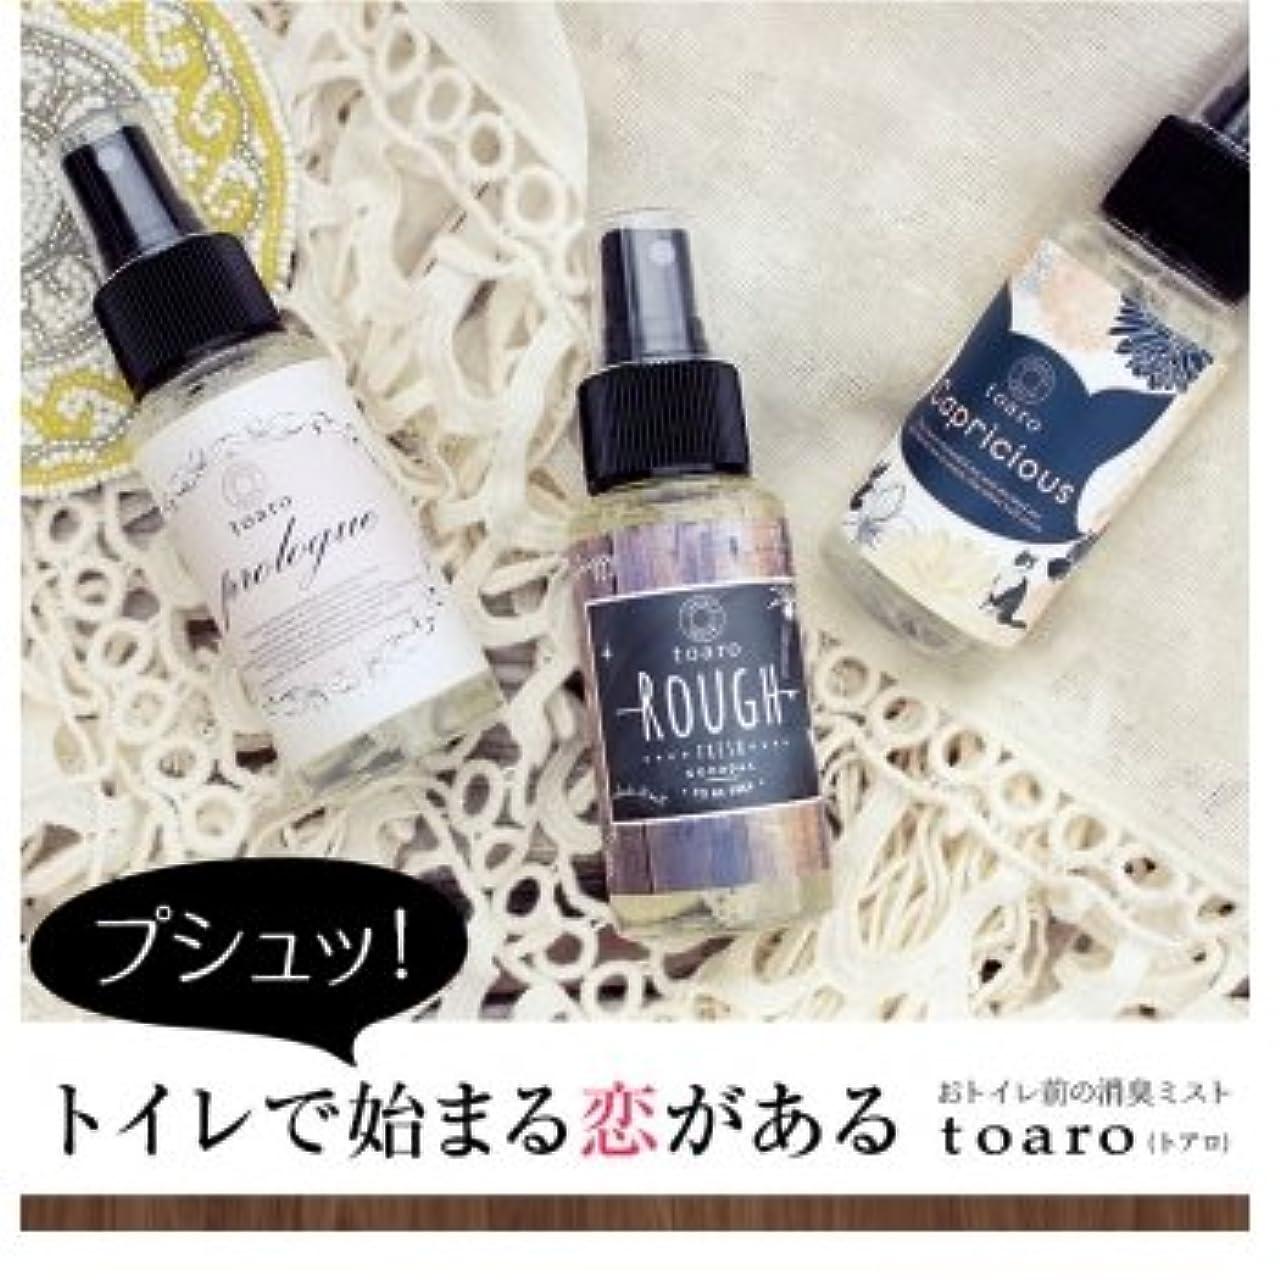 toaro(トアロ)トイレ専用消臭ミスト ラフ